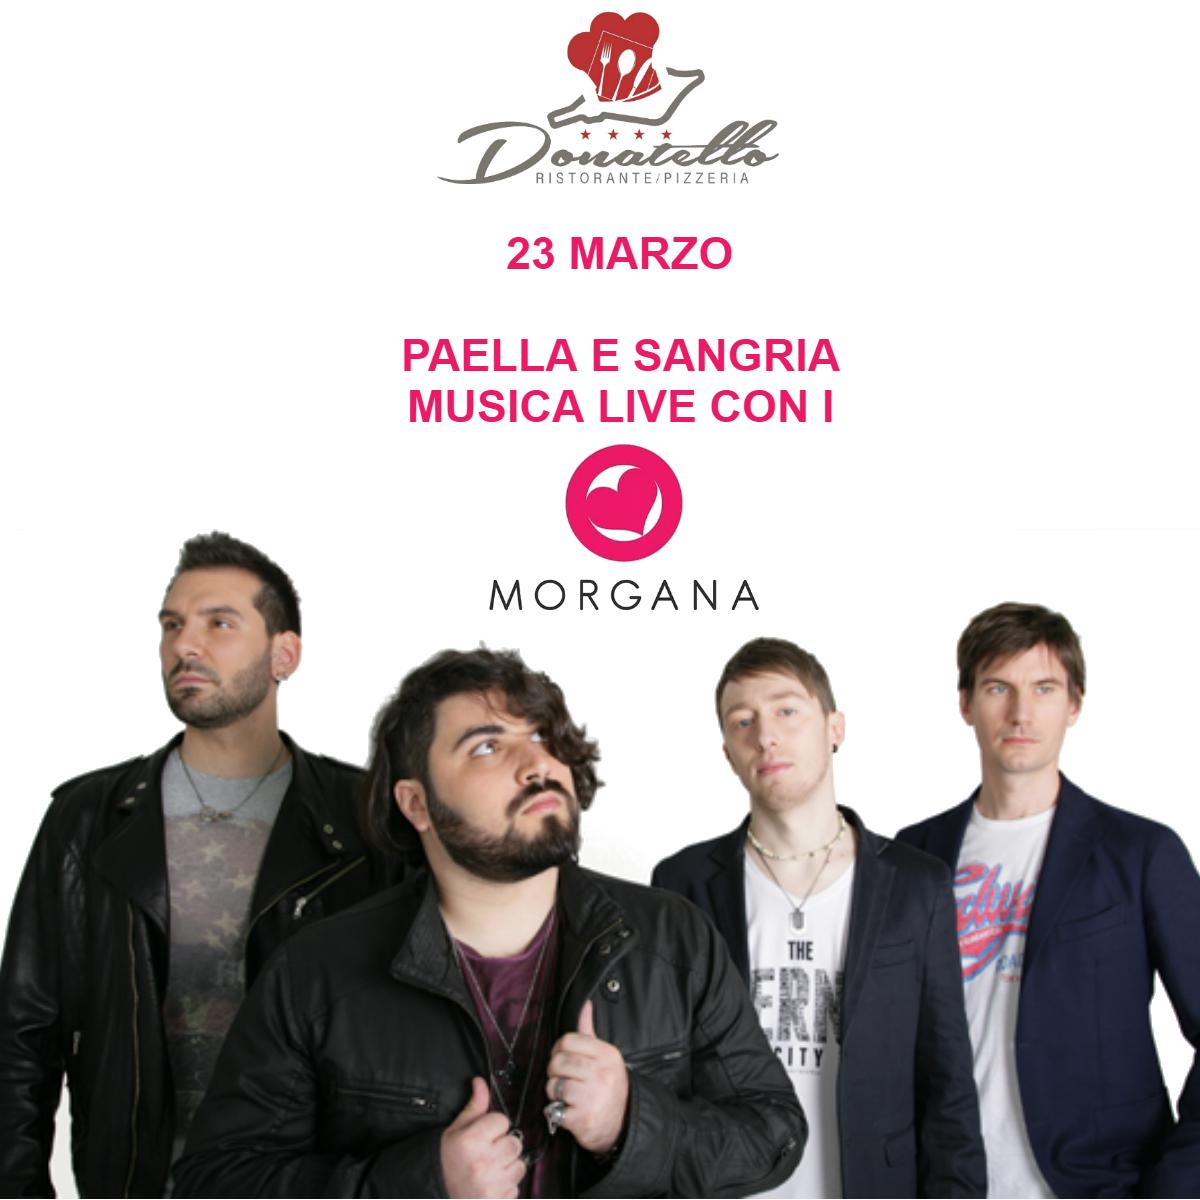 MORGANA LIVE